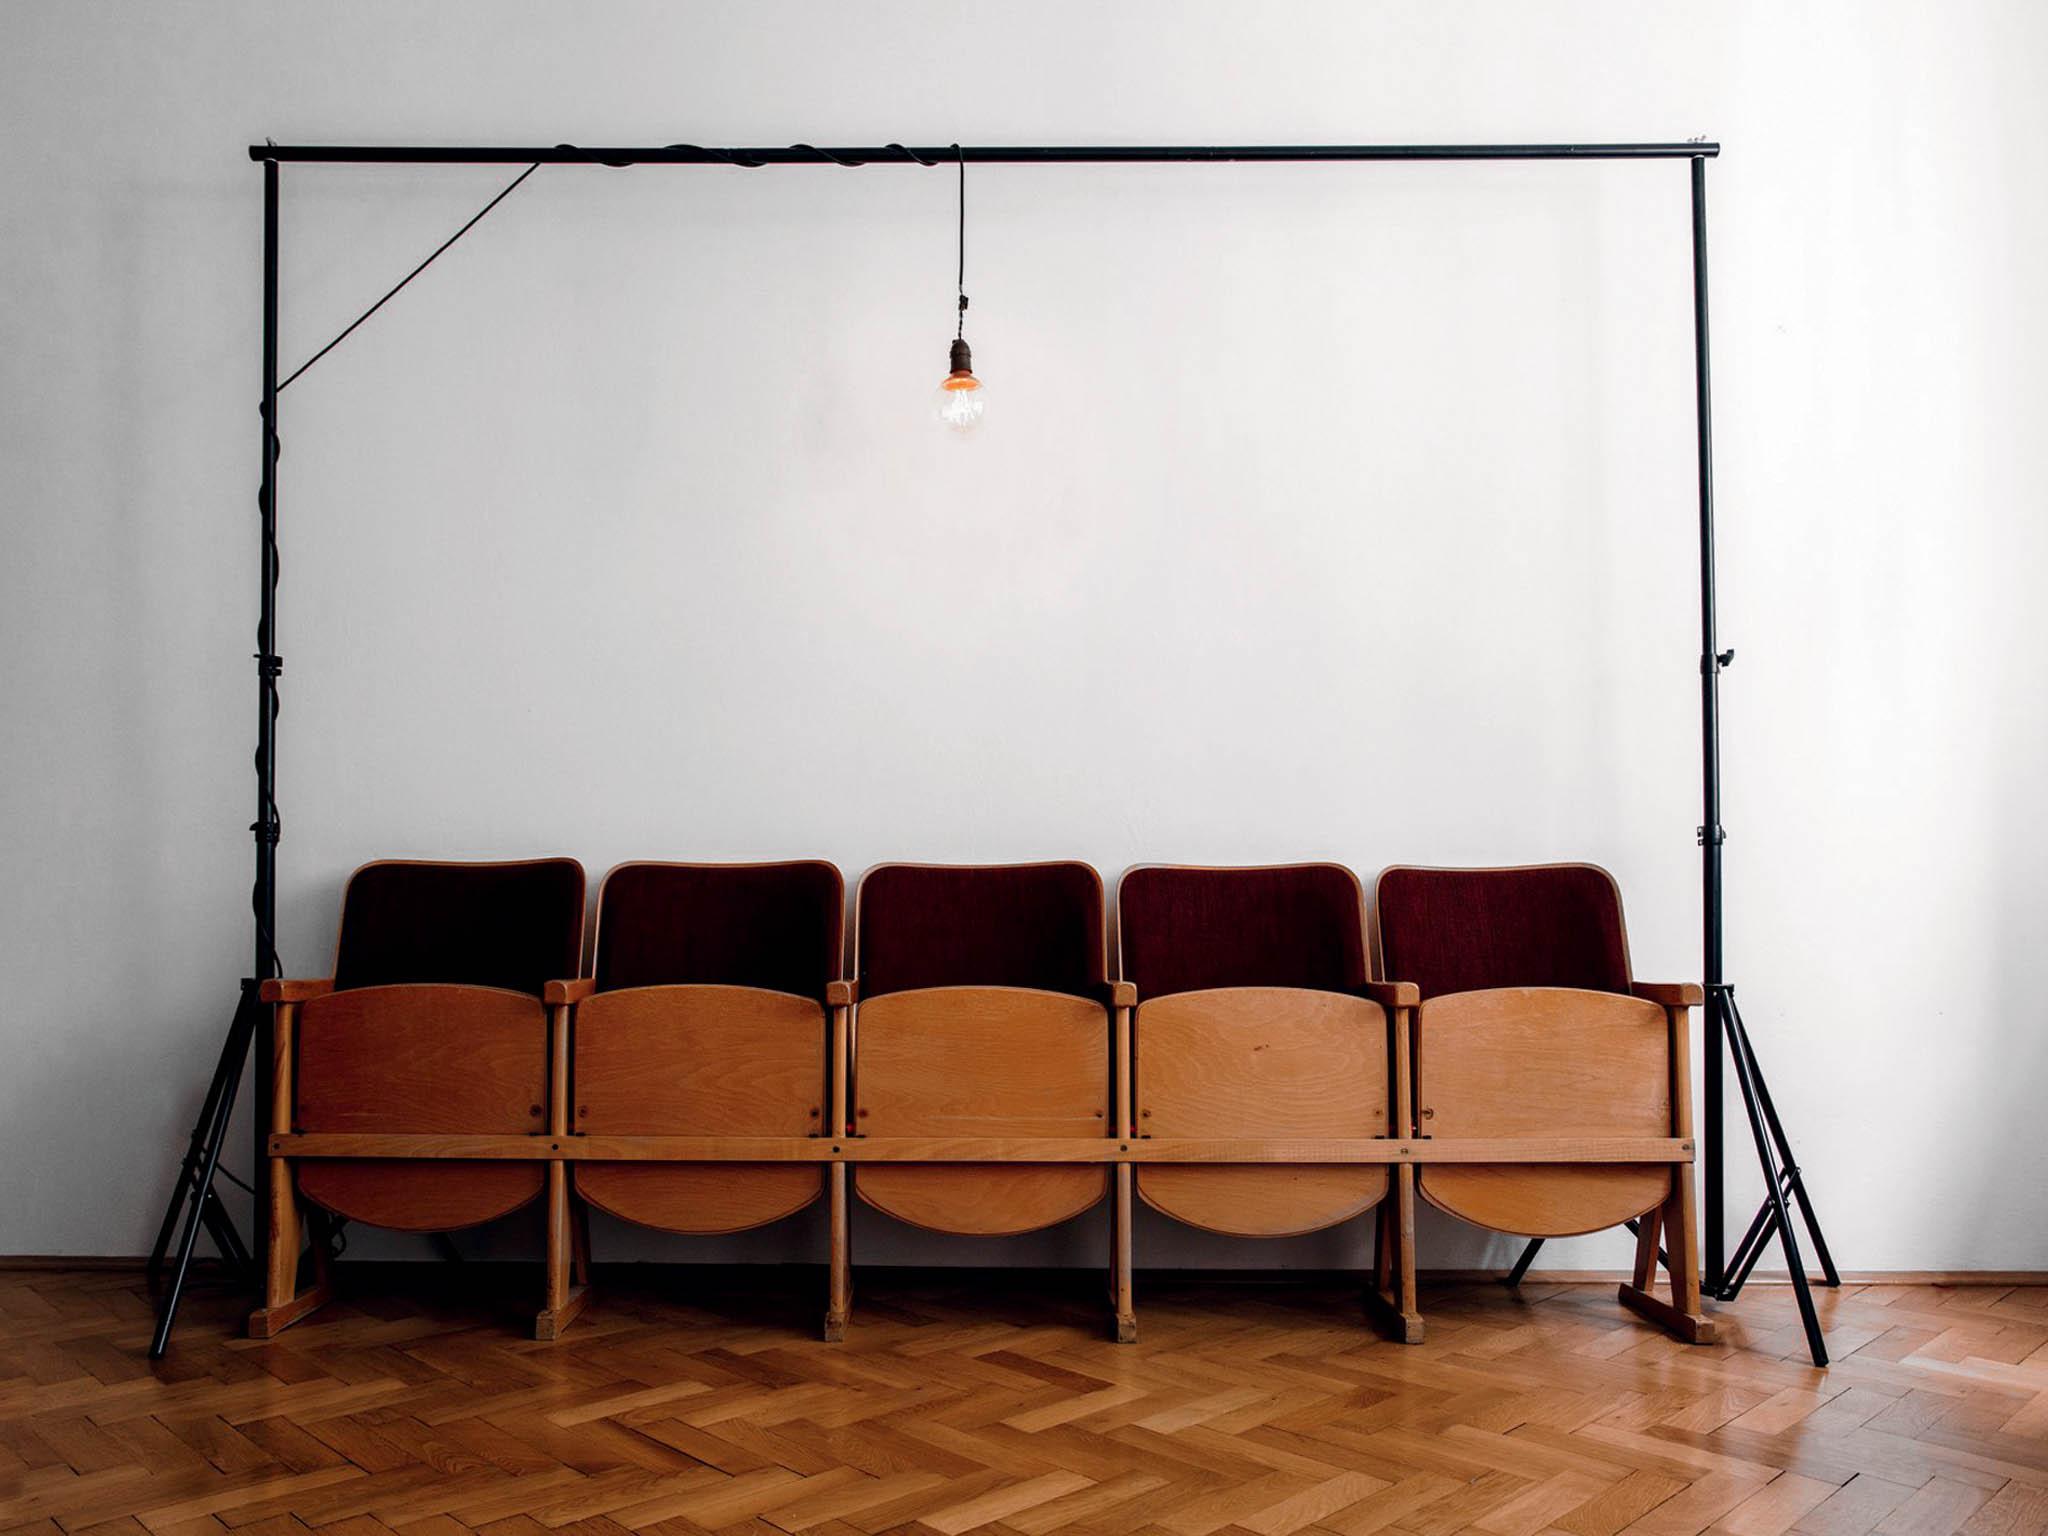 Usedněte dojedné zpěti sedaček vutajeném bytě azažijte koncert, který se neopakuje. Intimní atmosféru sice zažijete jen namístě, bytové koncerty ale můžete sledovat také přes on-line stream.